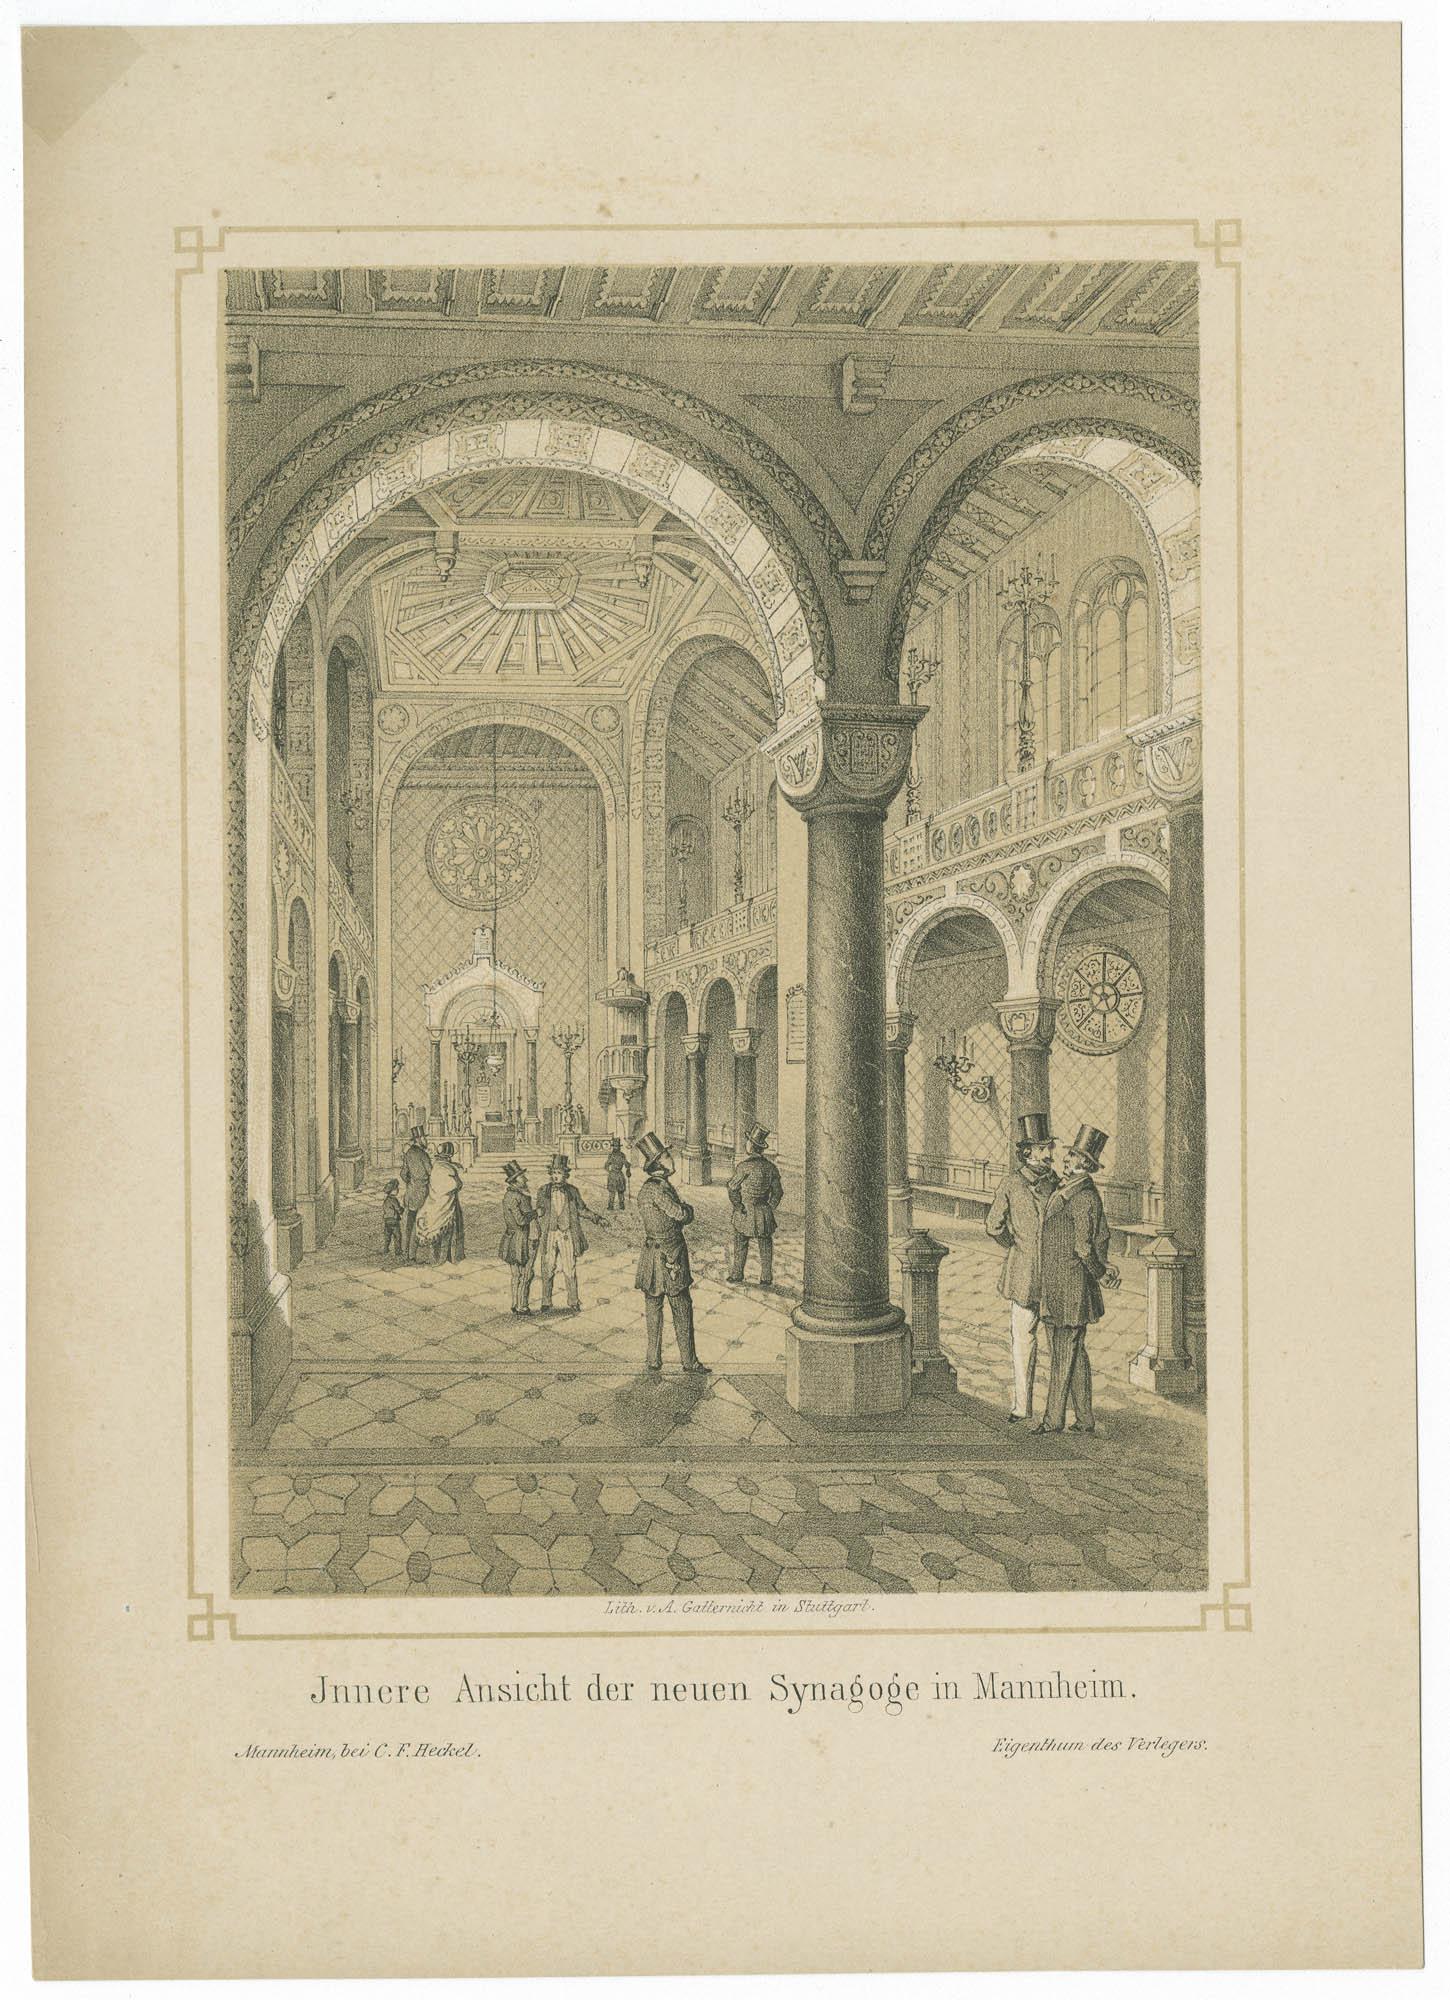 Innere Ansicht der neuen Synagoge in Mannheim